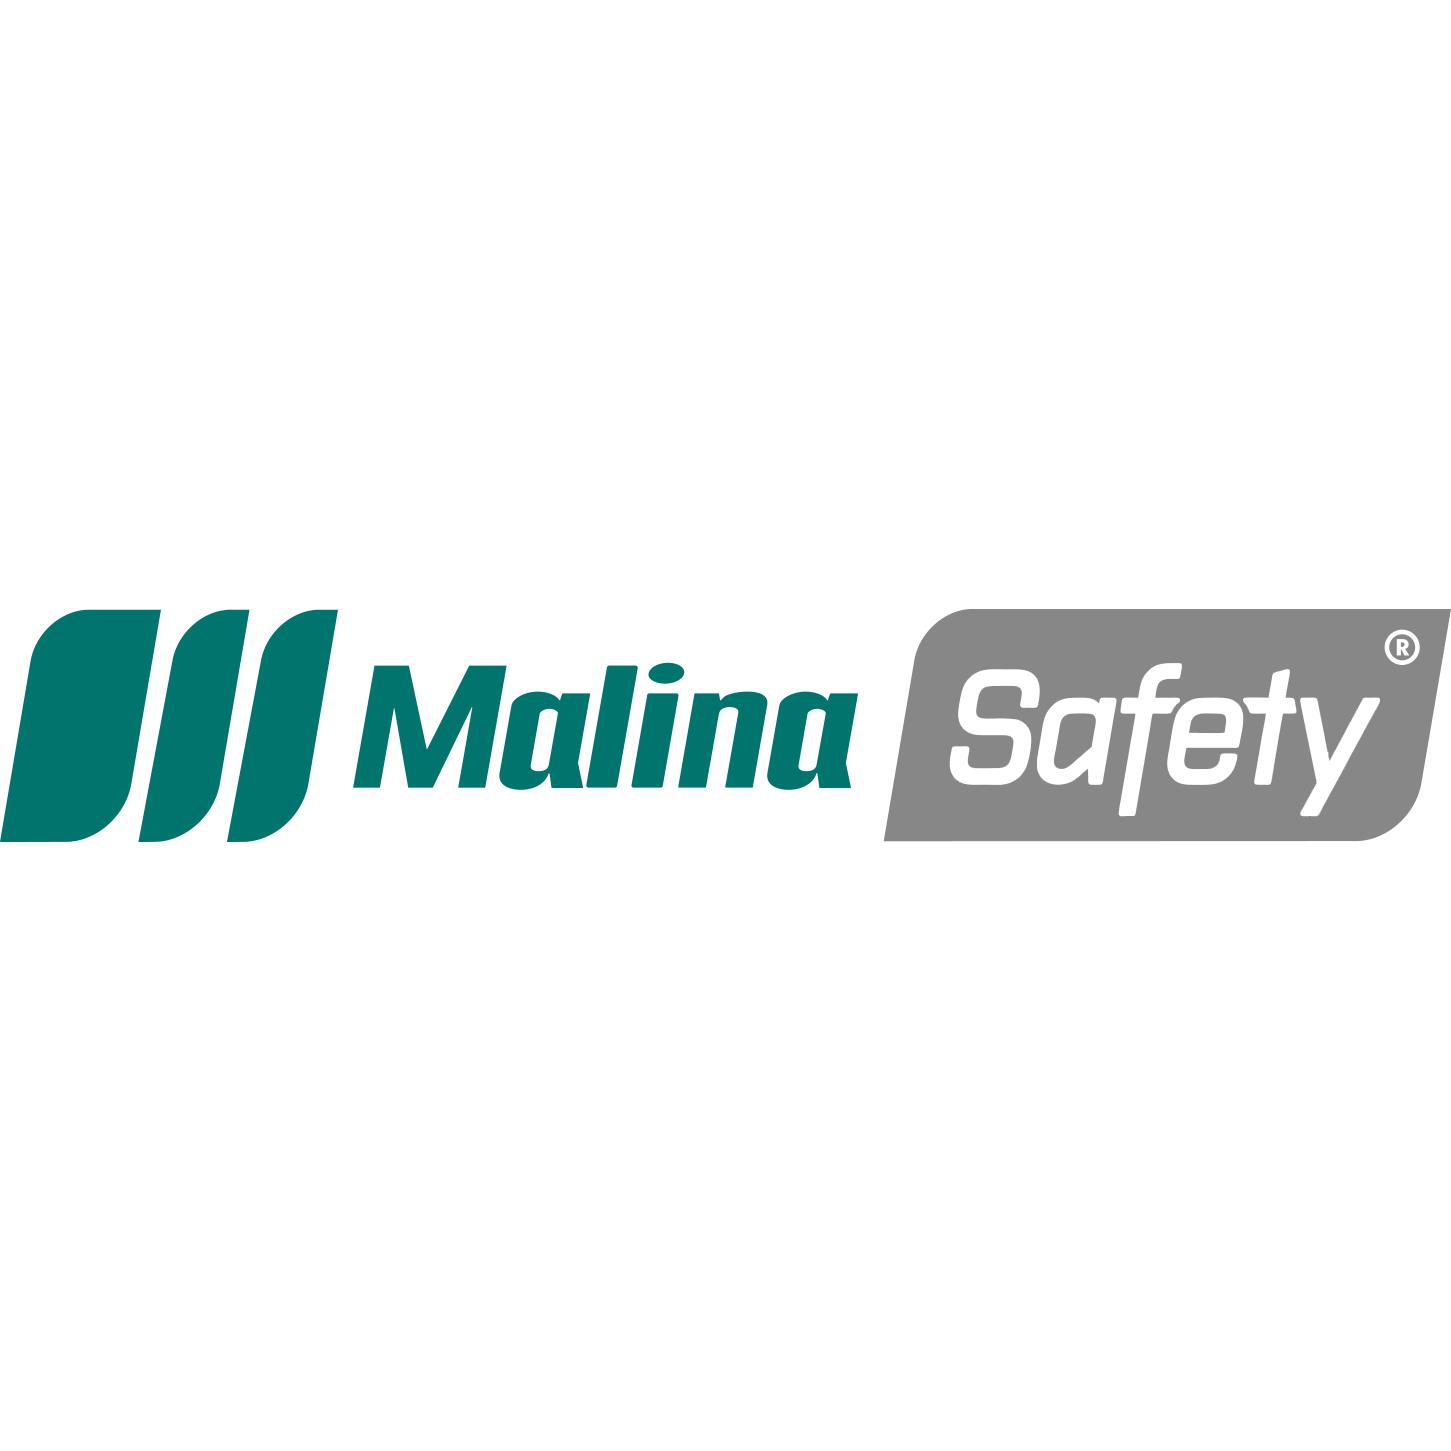 MALINA - Safety s.r.o.